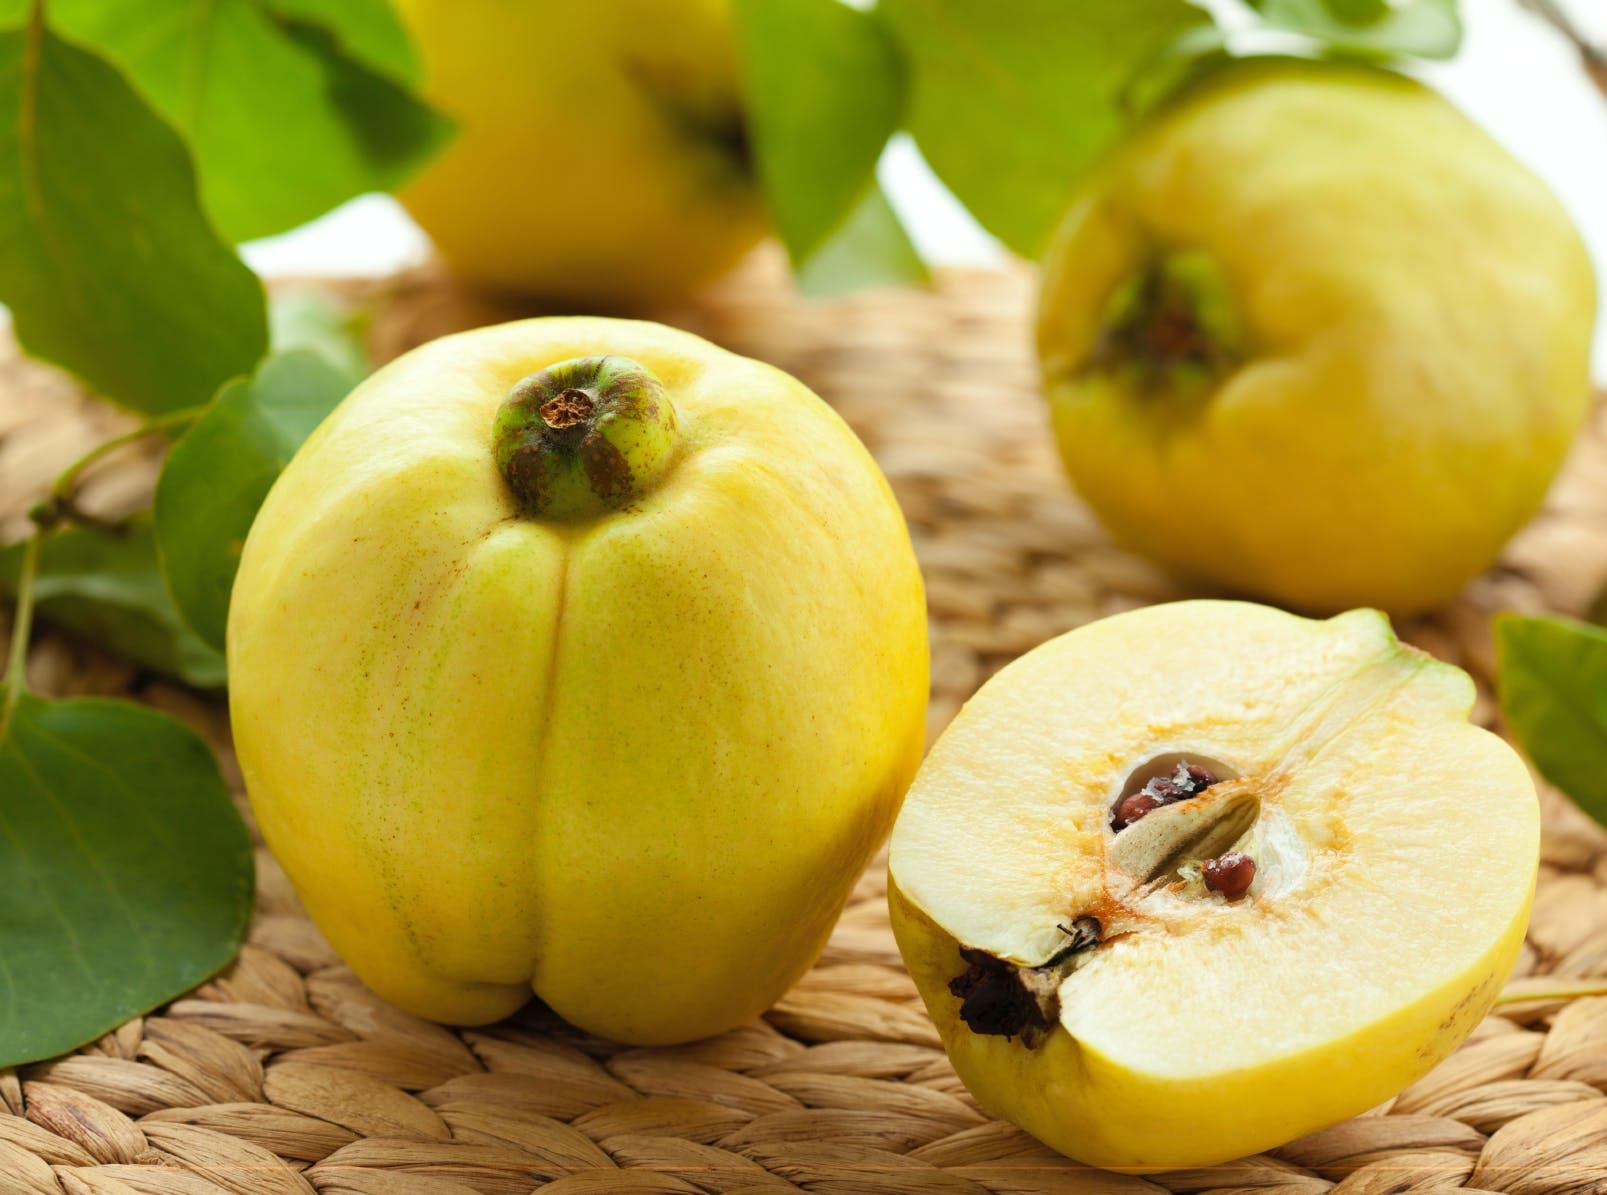 Le coing, un fruit d'automne riche en minéraux | Santé Magazine